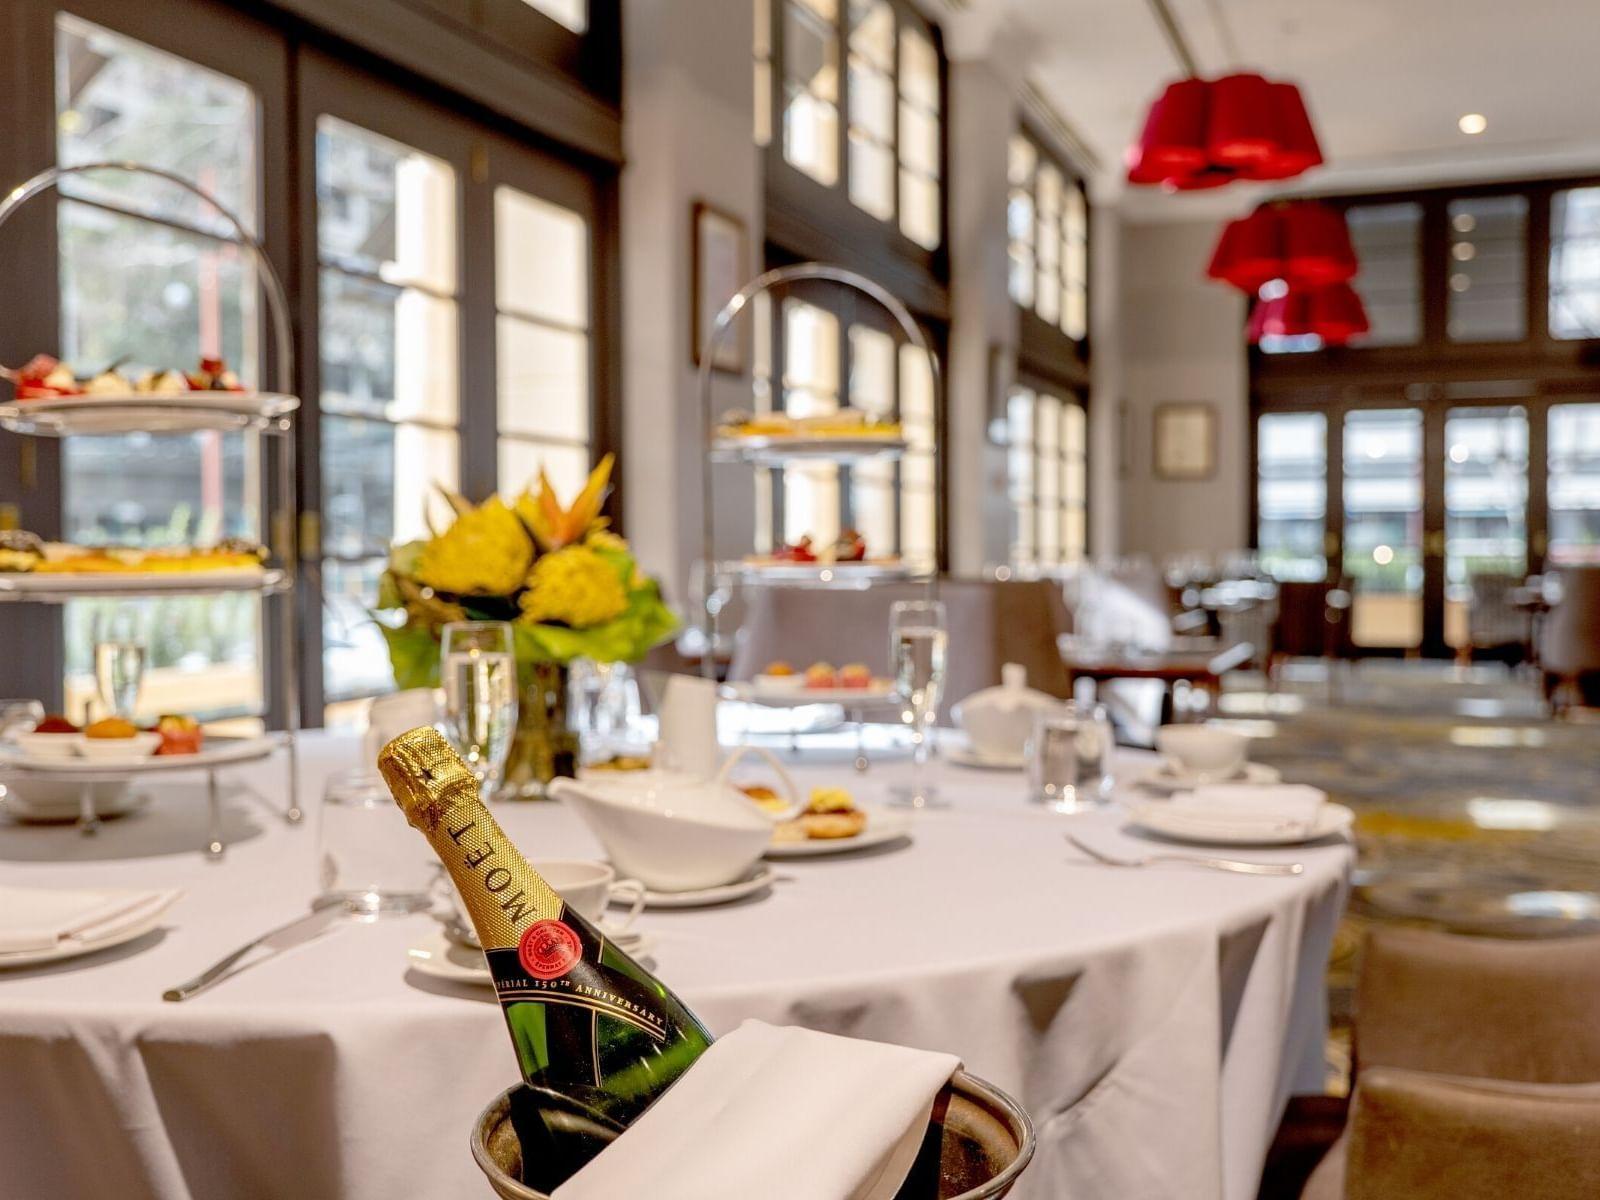 High tea Restaurant  in Duxton Hotel Perth